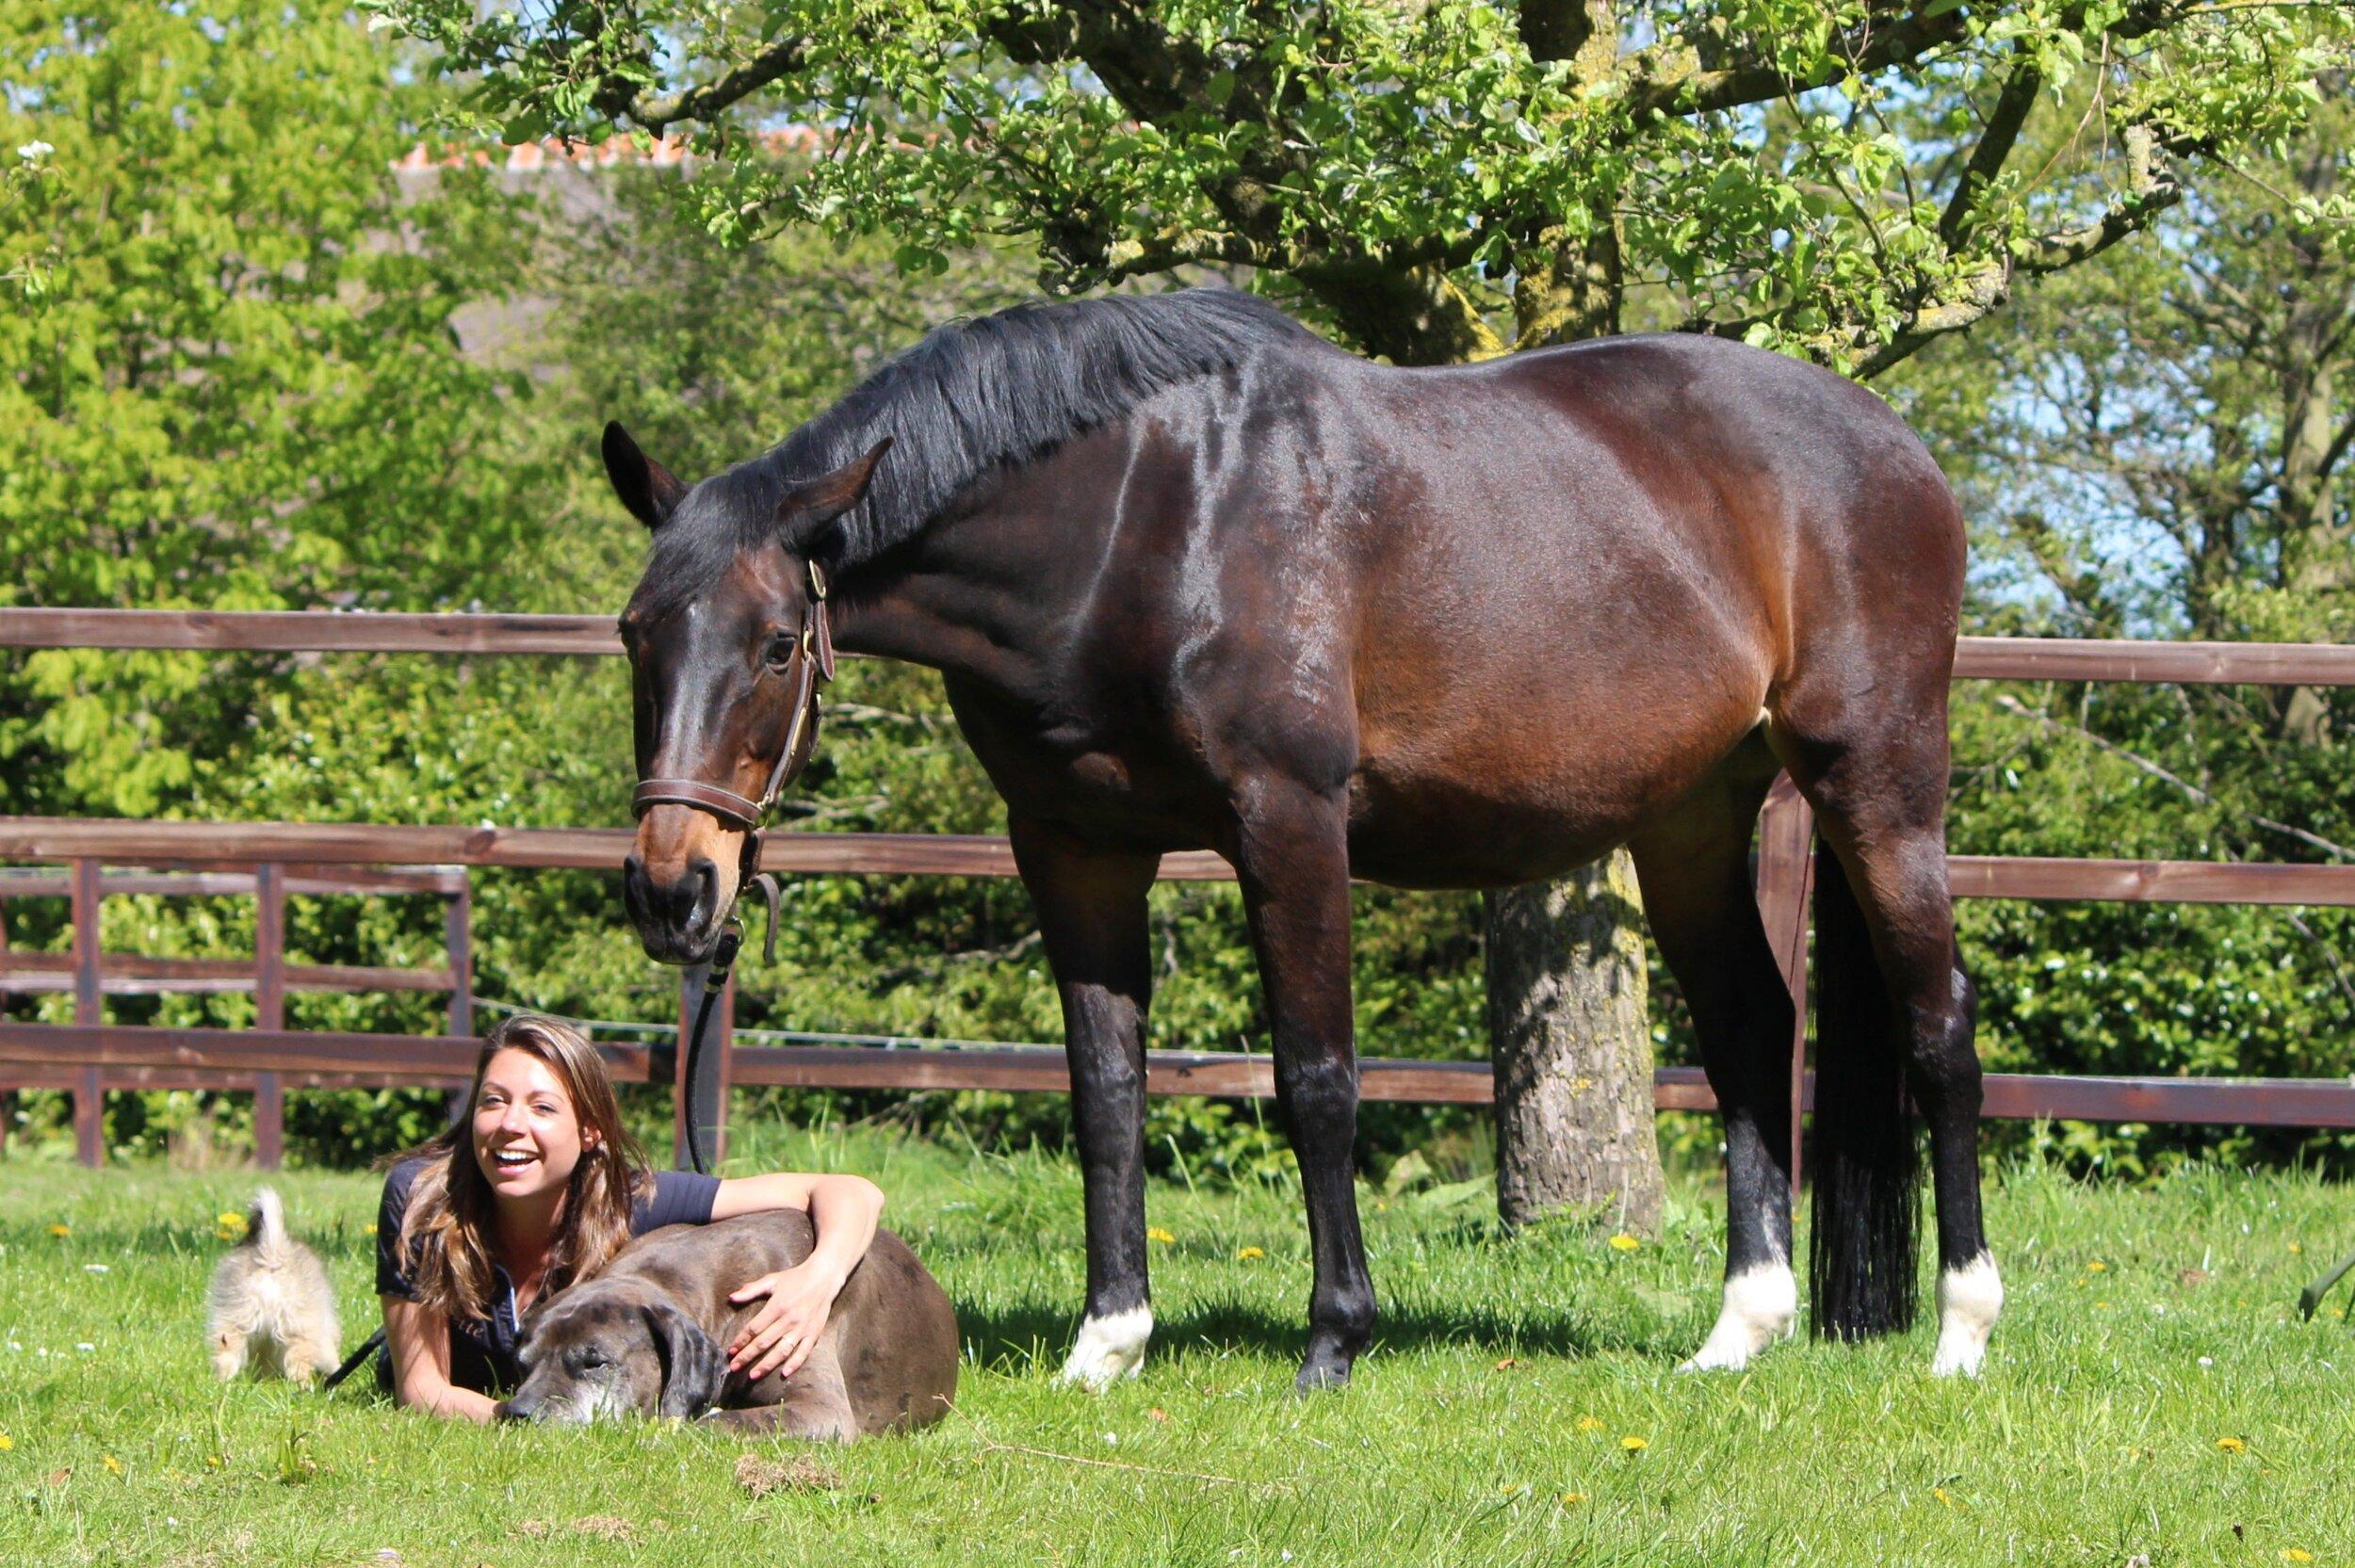 Lynn  (Rinskelinneke)  Metall x Elan XX   Moeder van Boston   Liefste en meest bescheiden paard. Queen of the stable en een grote motivator om een eigen stal te hebben waar zij voor altijd bij ons kan blijven. We kochten haar drachtig en daar is Boston uitgekomen.